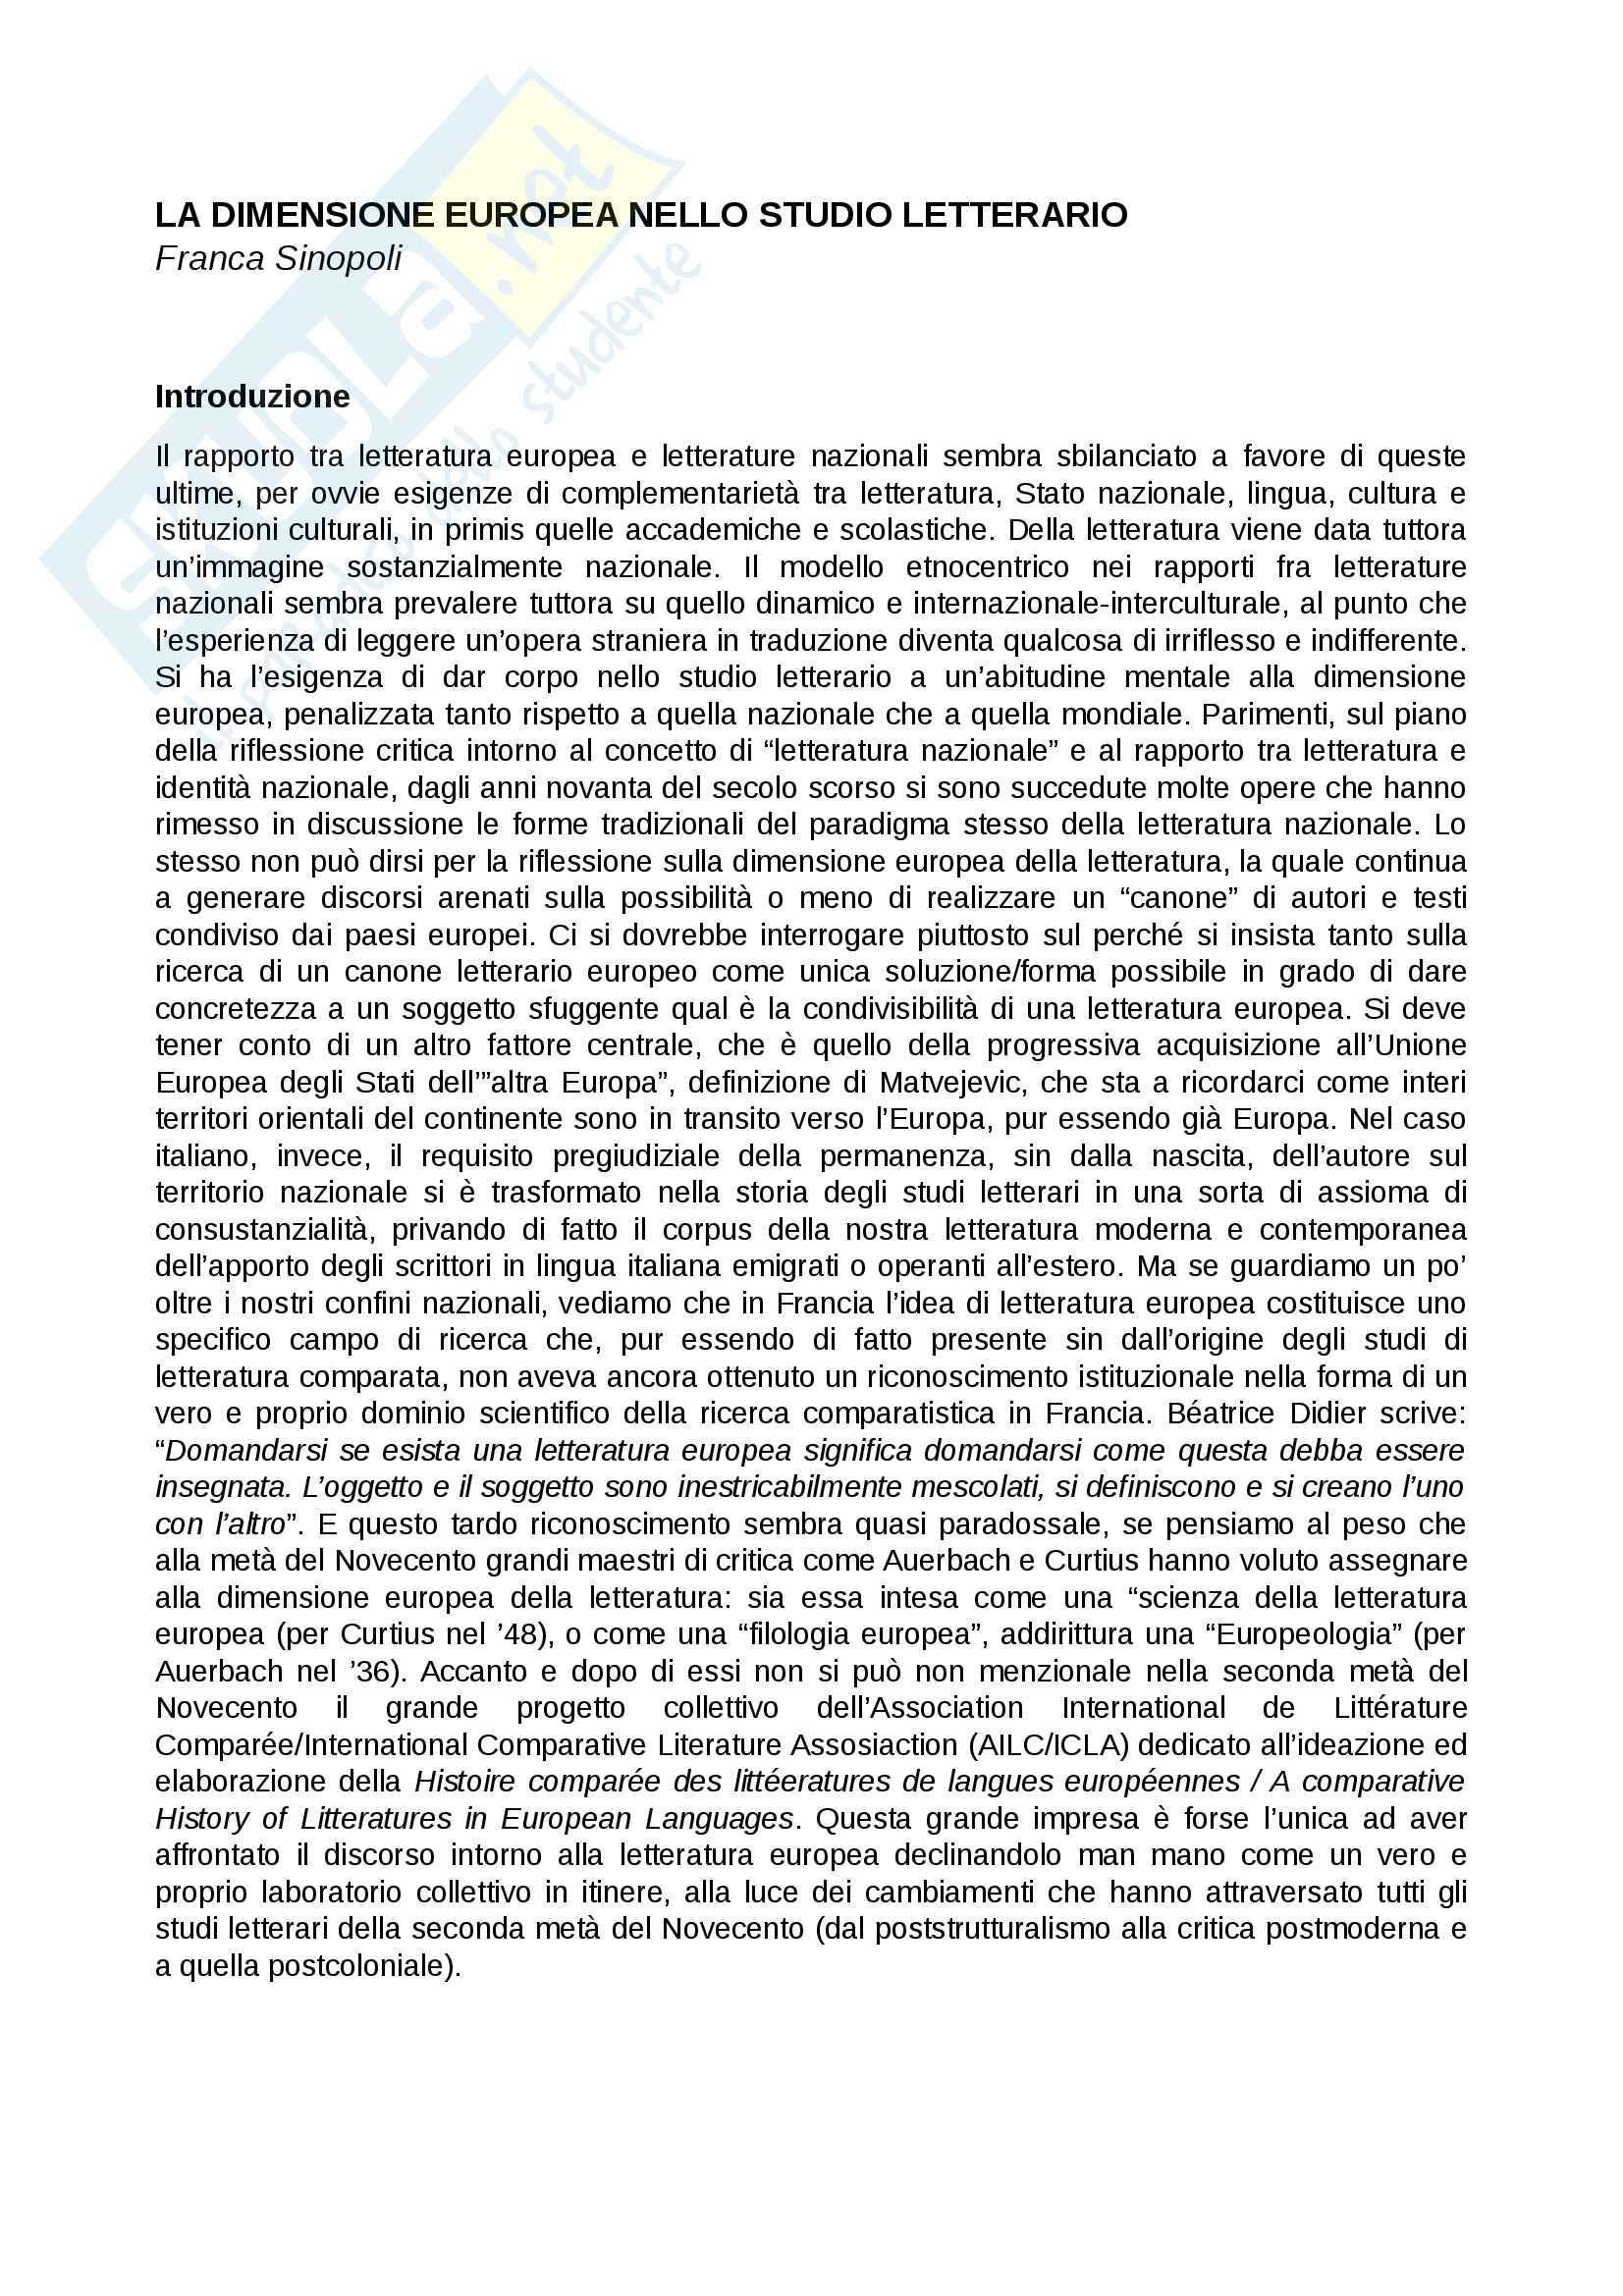 Riassunto esame Letterature comparate, prof. Sinopoli. Libro consigliato La dimensione europea nello studio letterario, F. Sinopoli